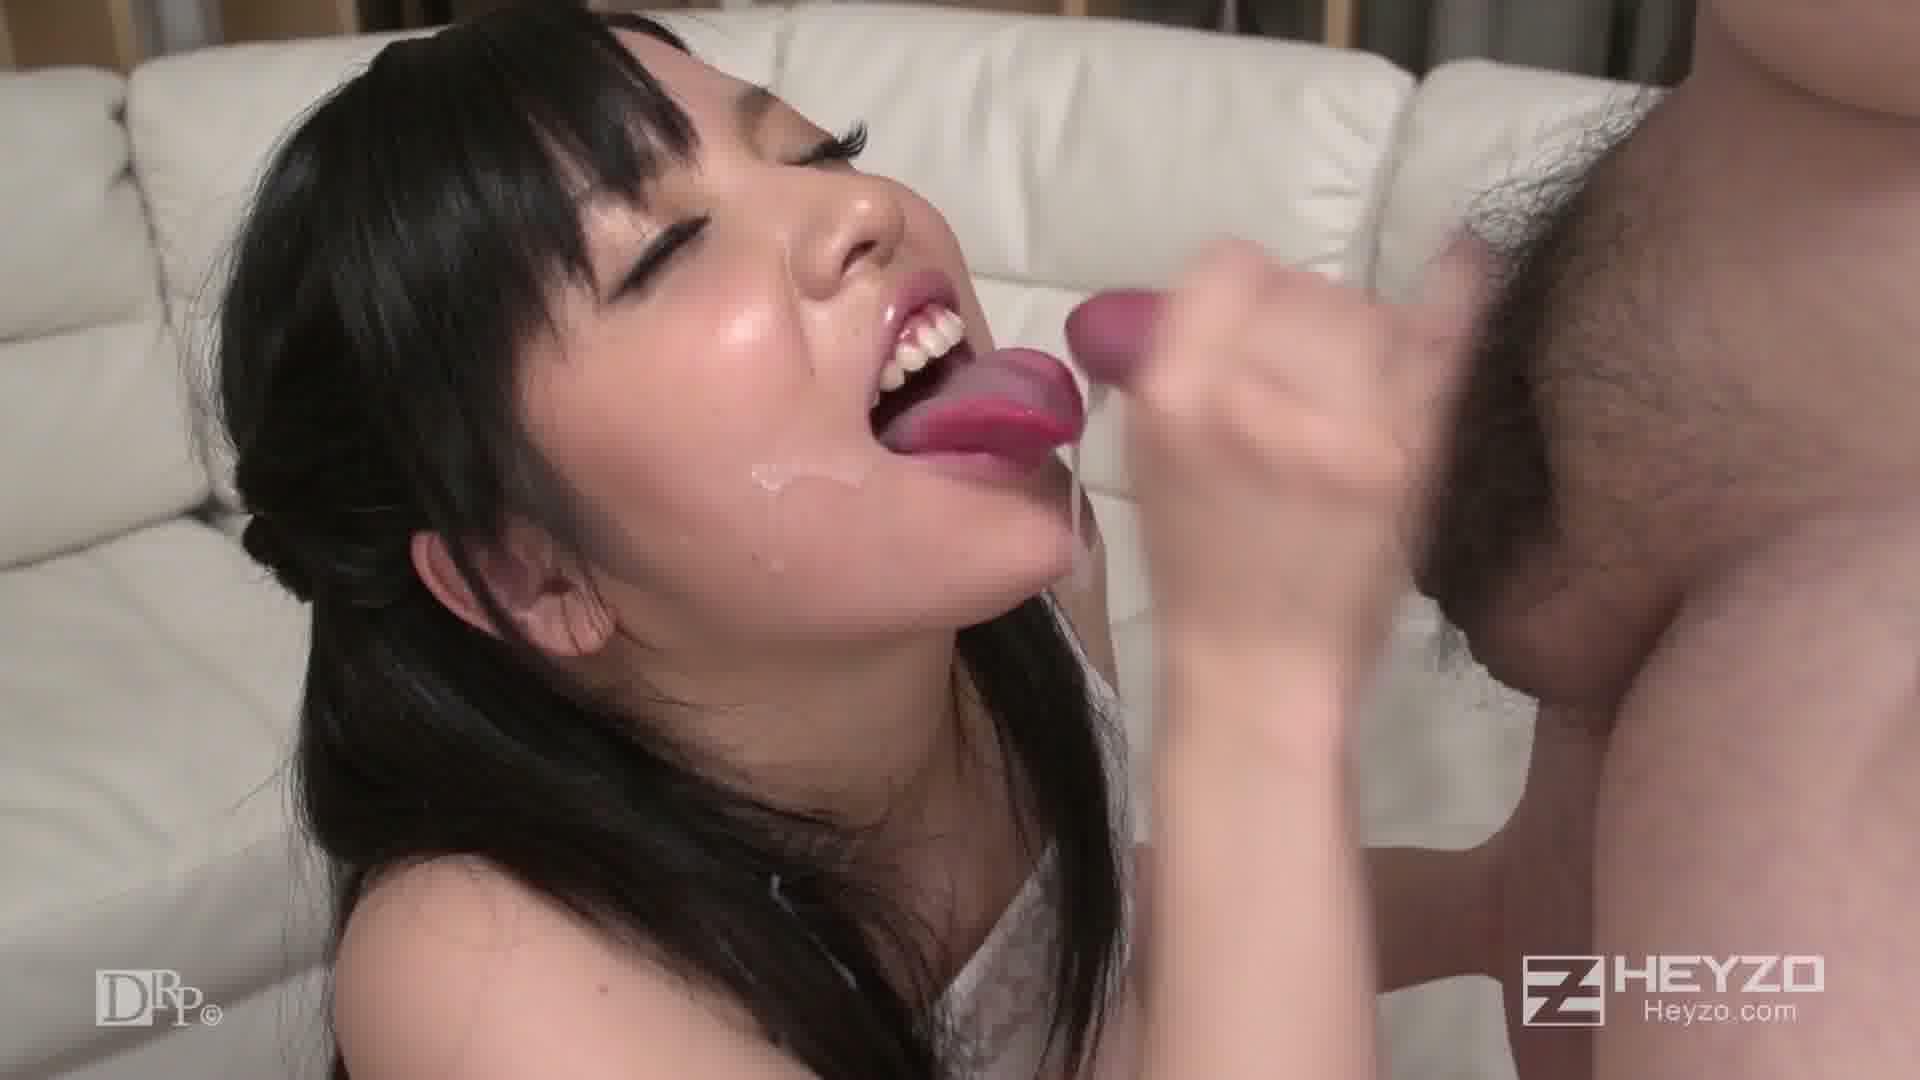 キセキノオッパイ - みなみ愛梨【フェラ パイズリ 顔射】